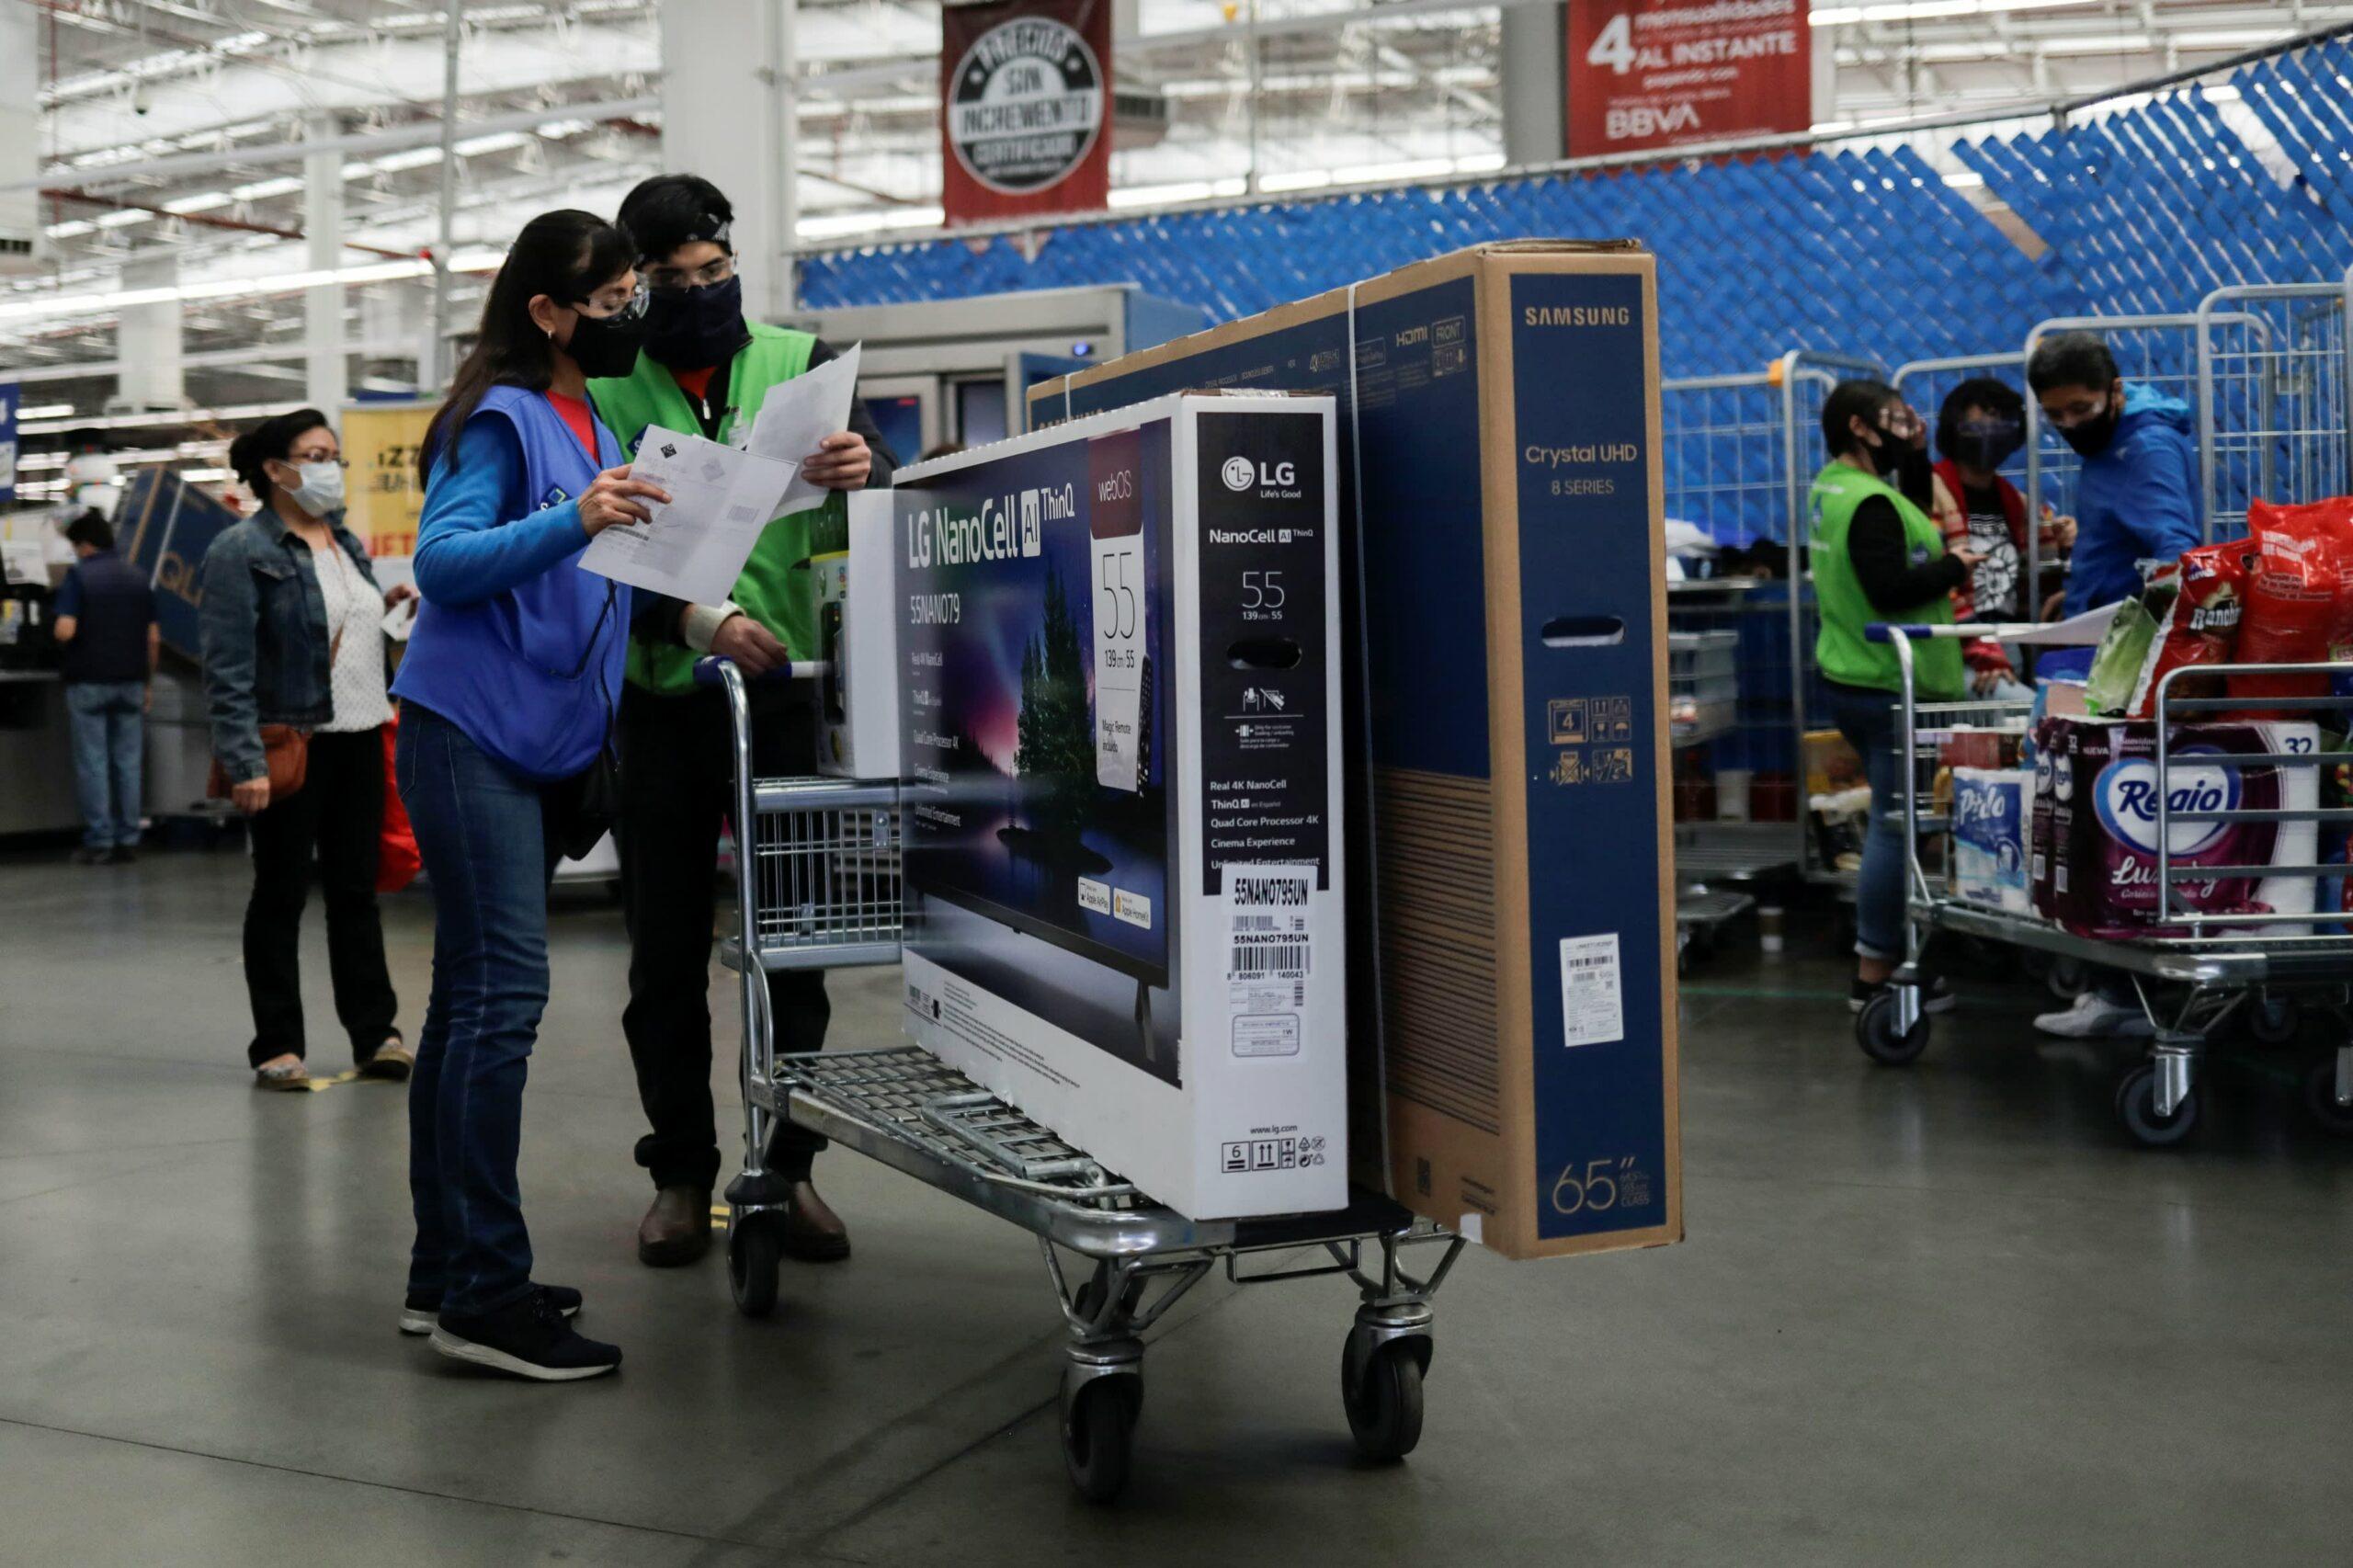 Walmart's Sam's Club raises minimum wage to $15 amid tight labor market